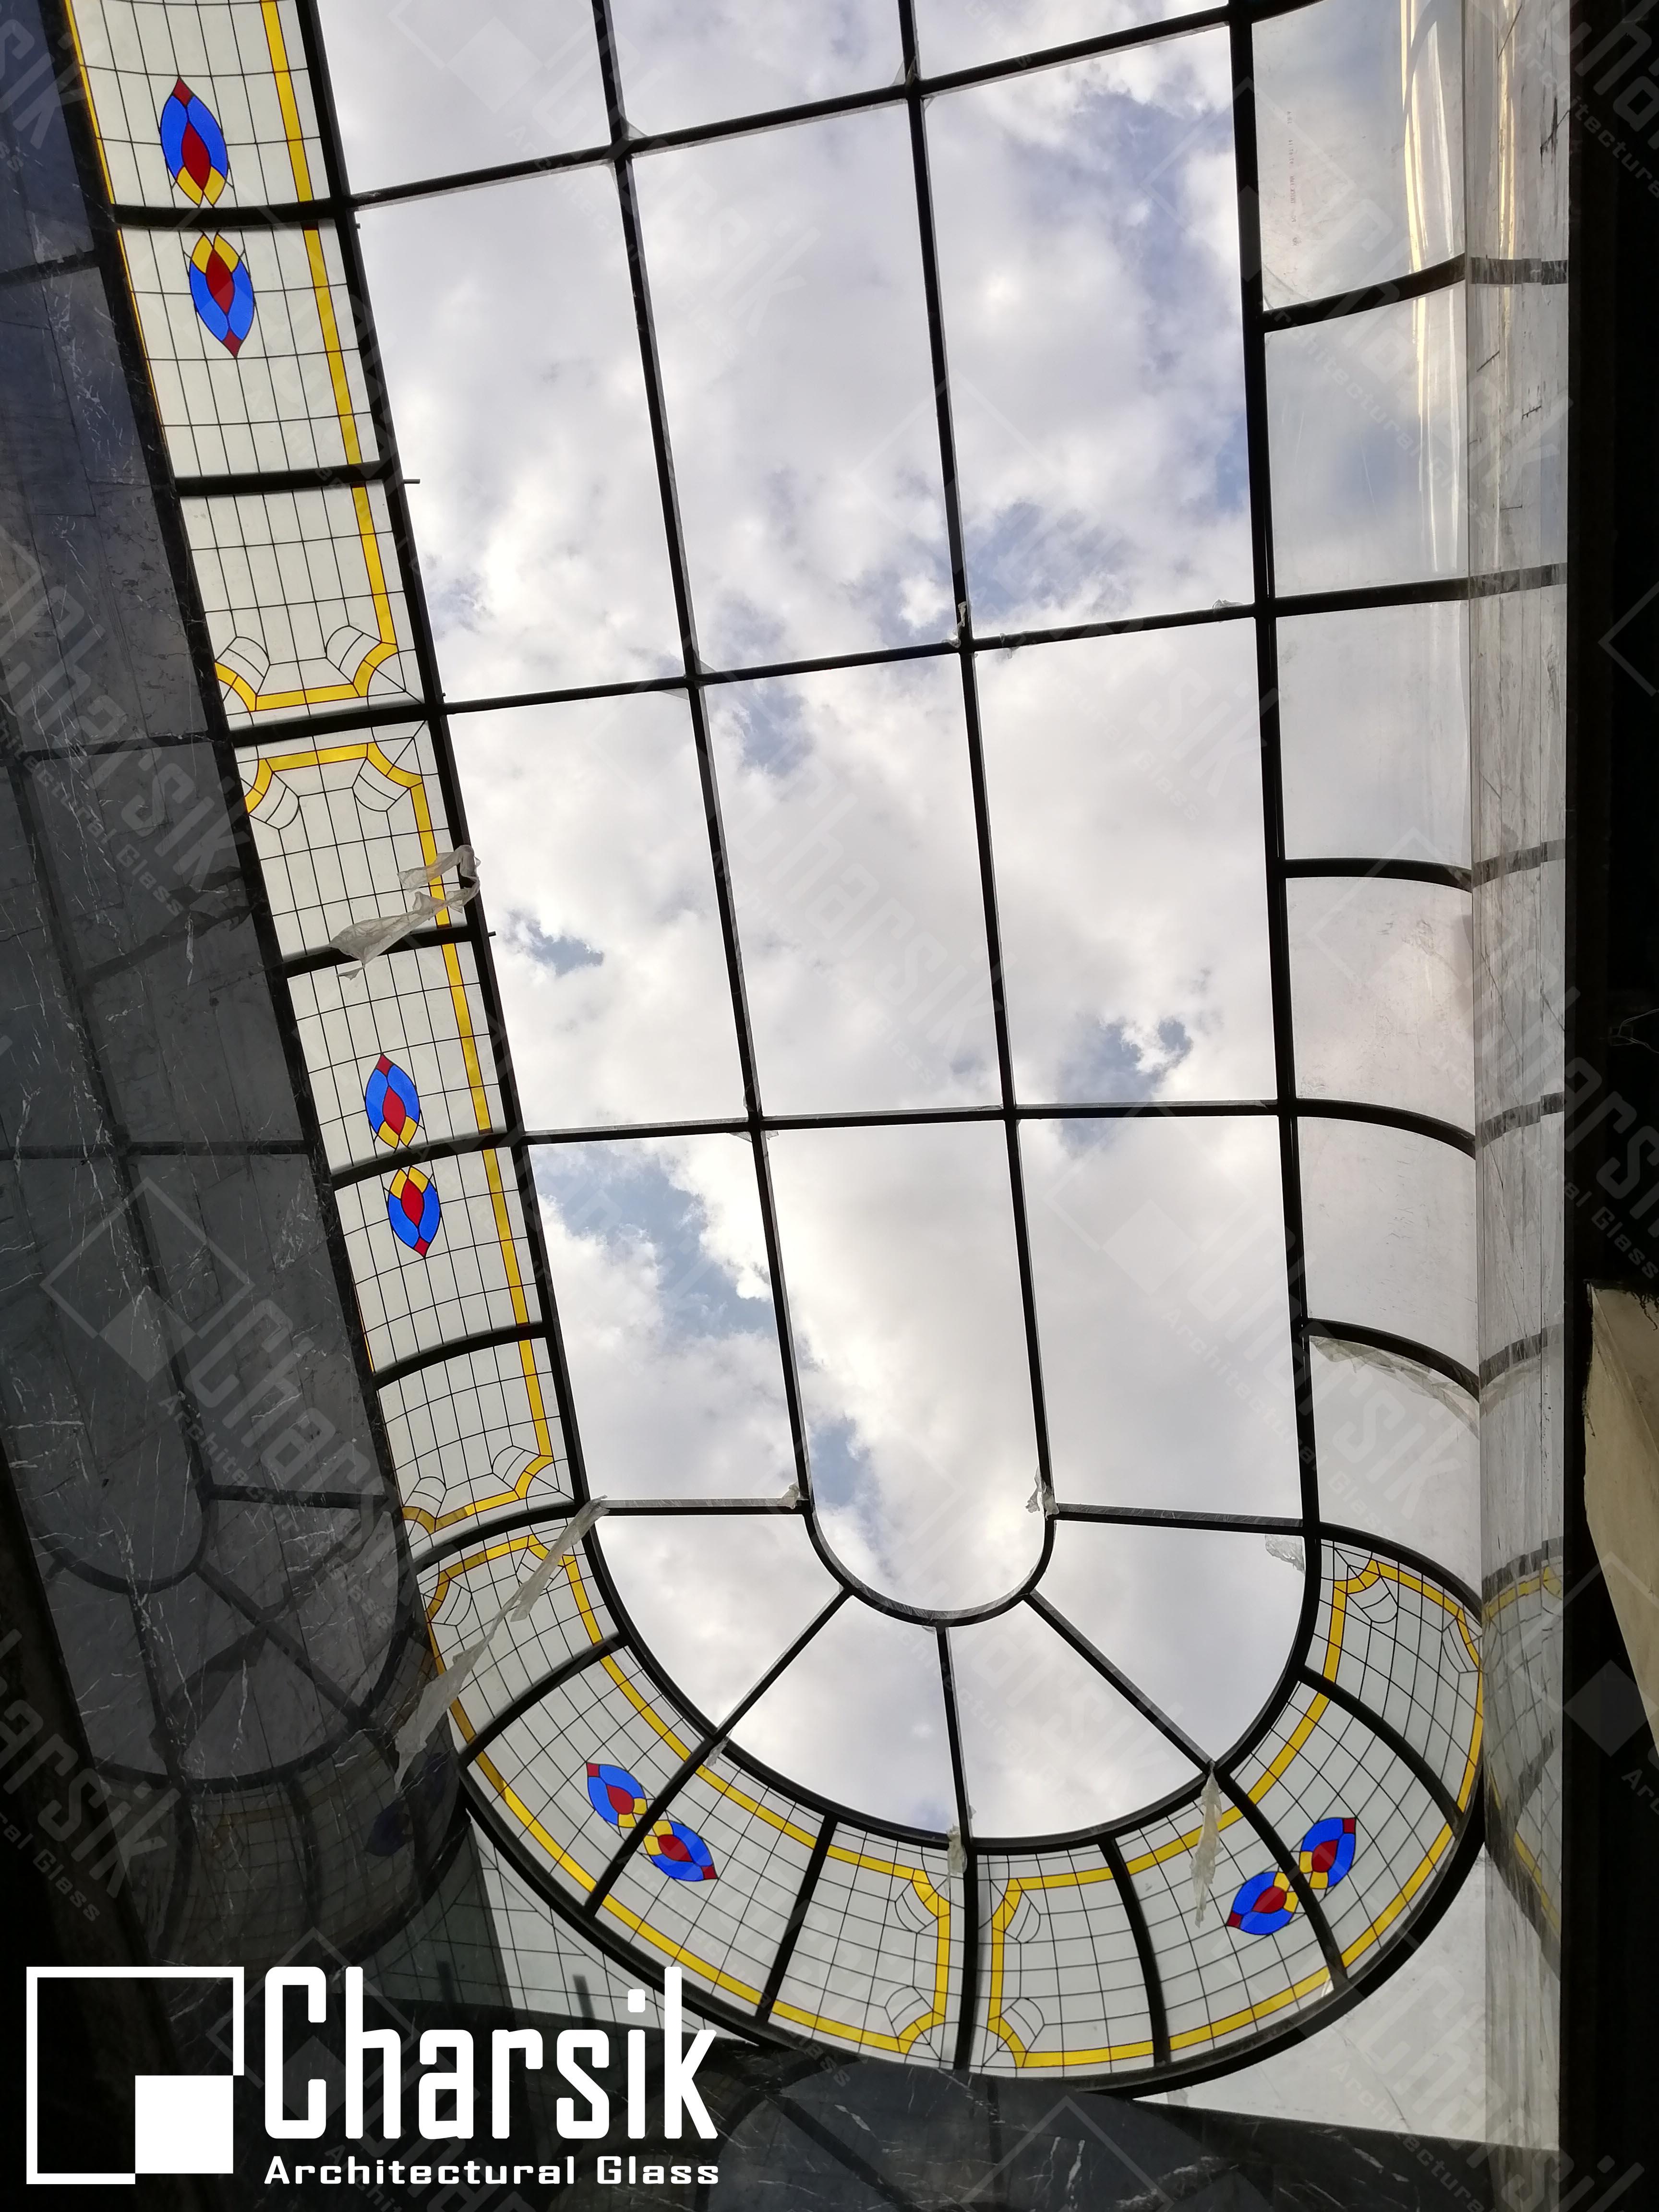 نورگیر شیشه ای چارسیک تهران فرشته